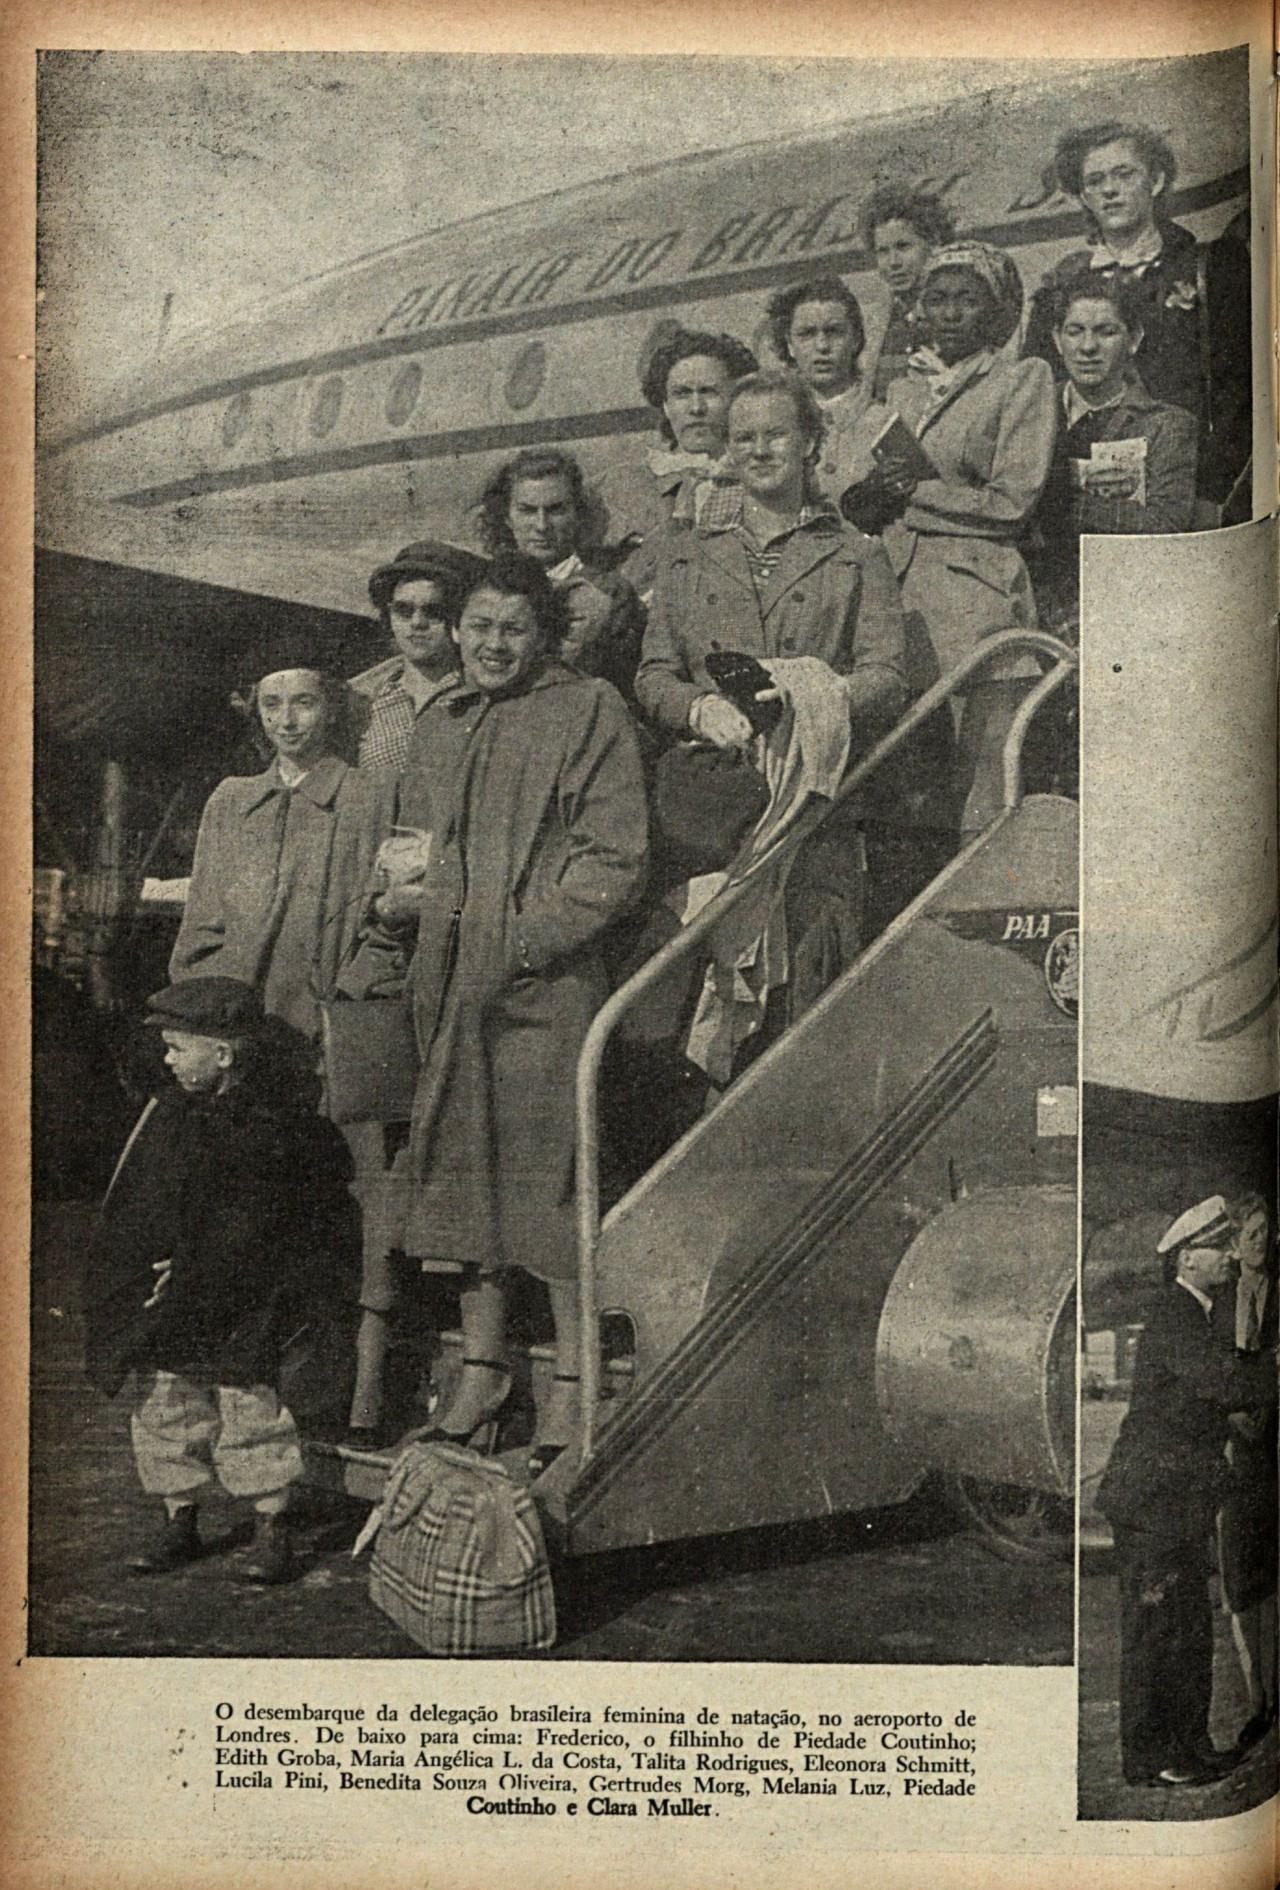 Página da revista Fon Fon mostra o desembarque da delegação feminina. Brasil foi representado por 11 mulheres na natação e no atletismo - Chris Ware / Revista Fon Fon